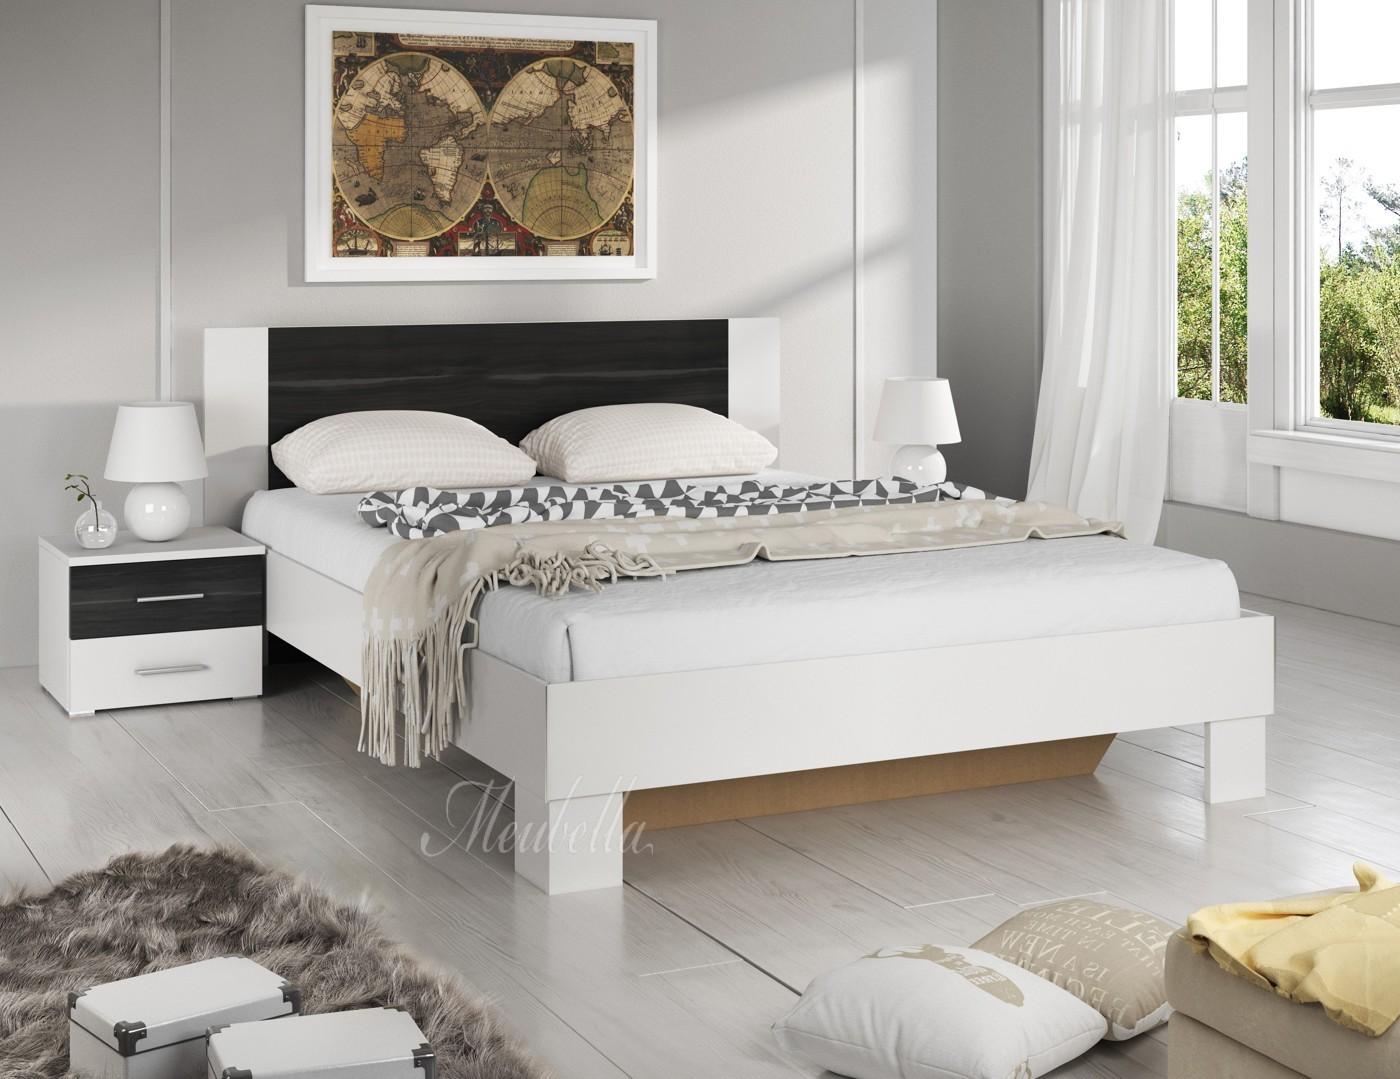 Slaapkamer victor 180 wit zwart groot 180 x 200 for Complete slaapkamers outlet